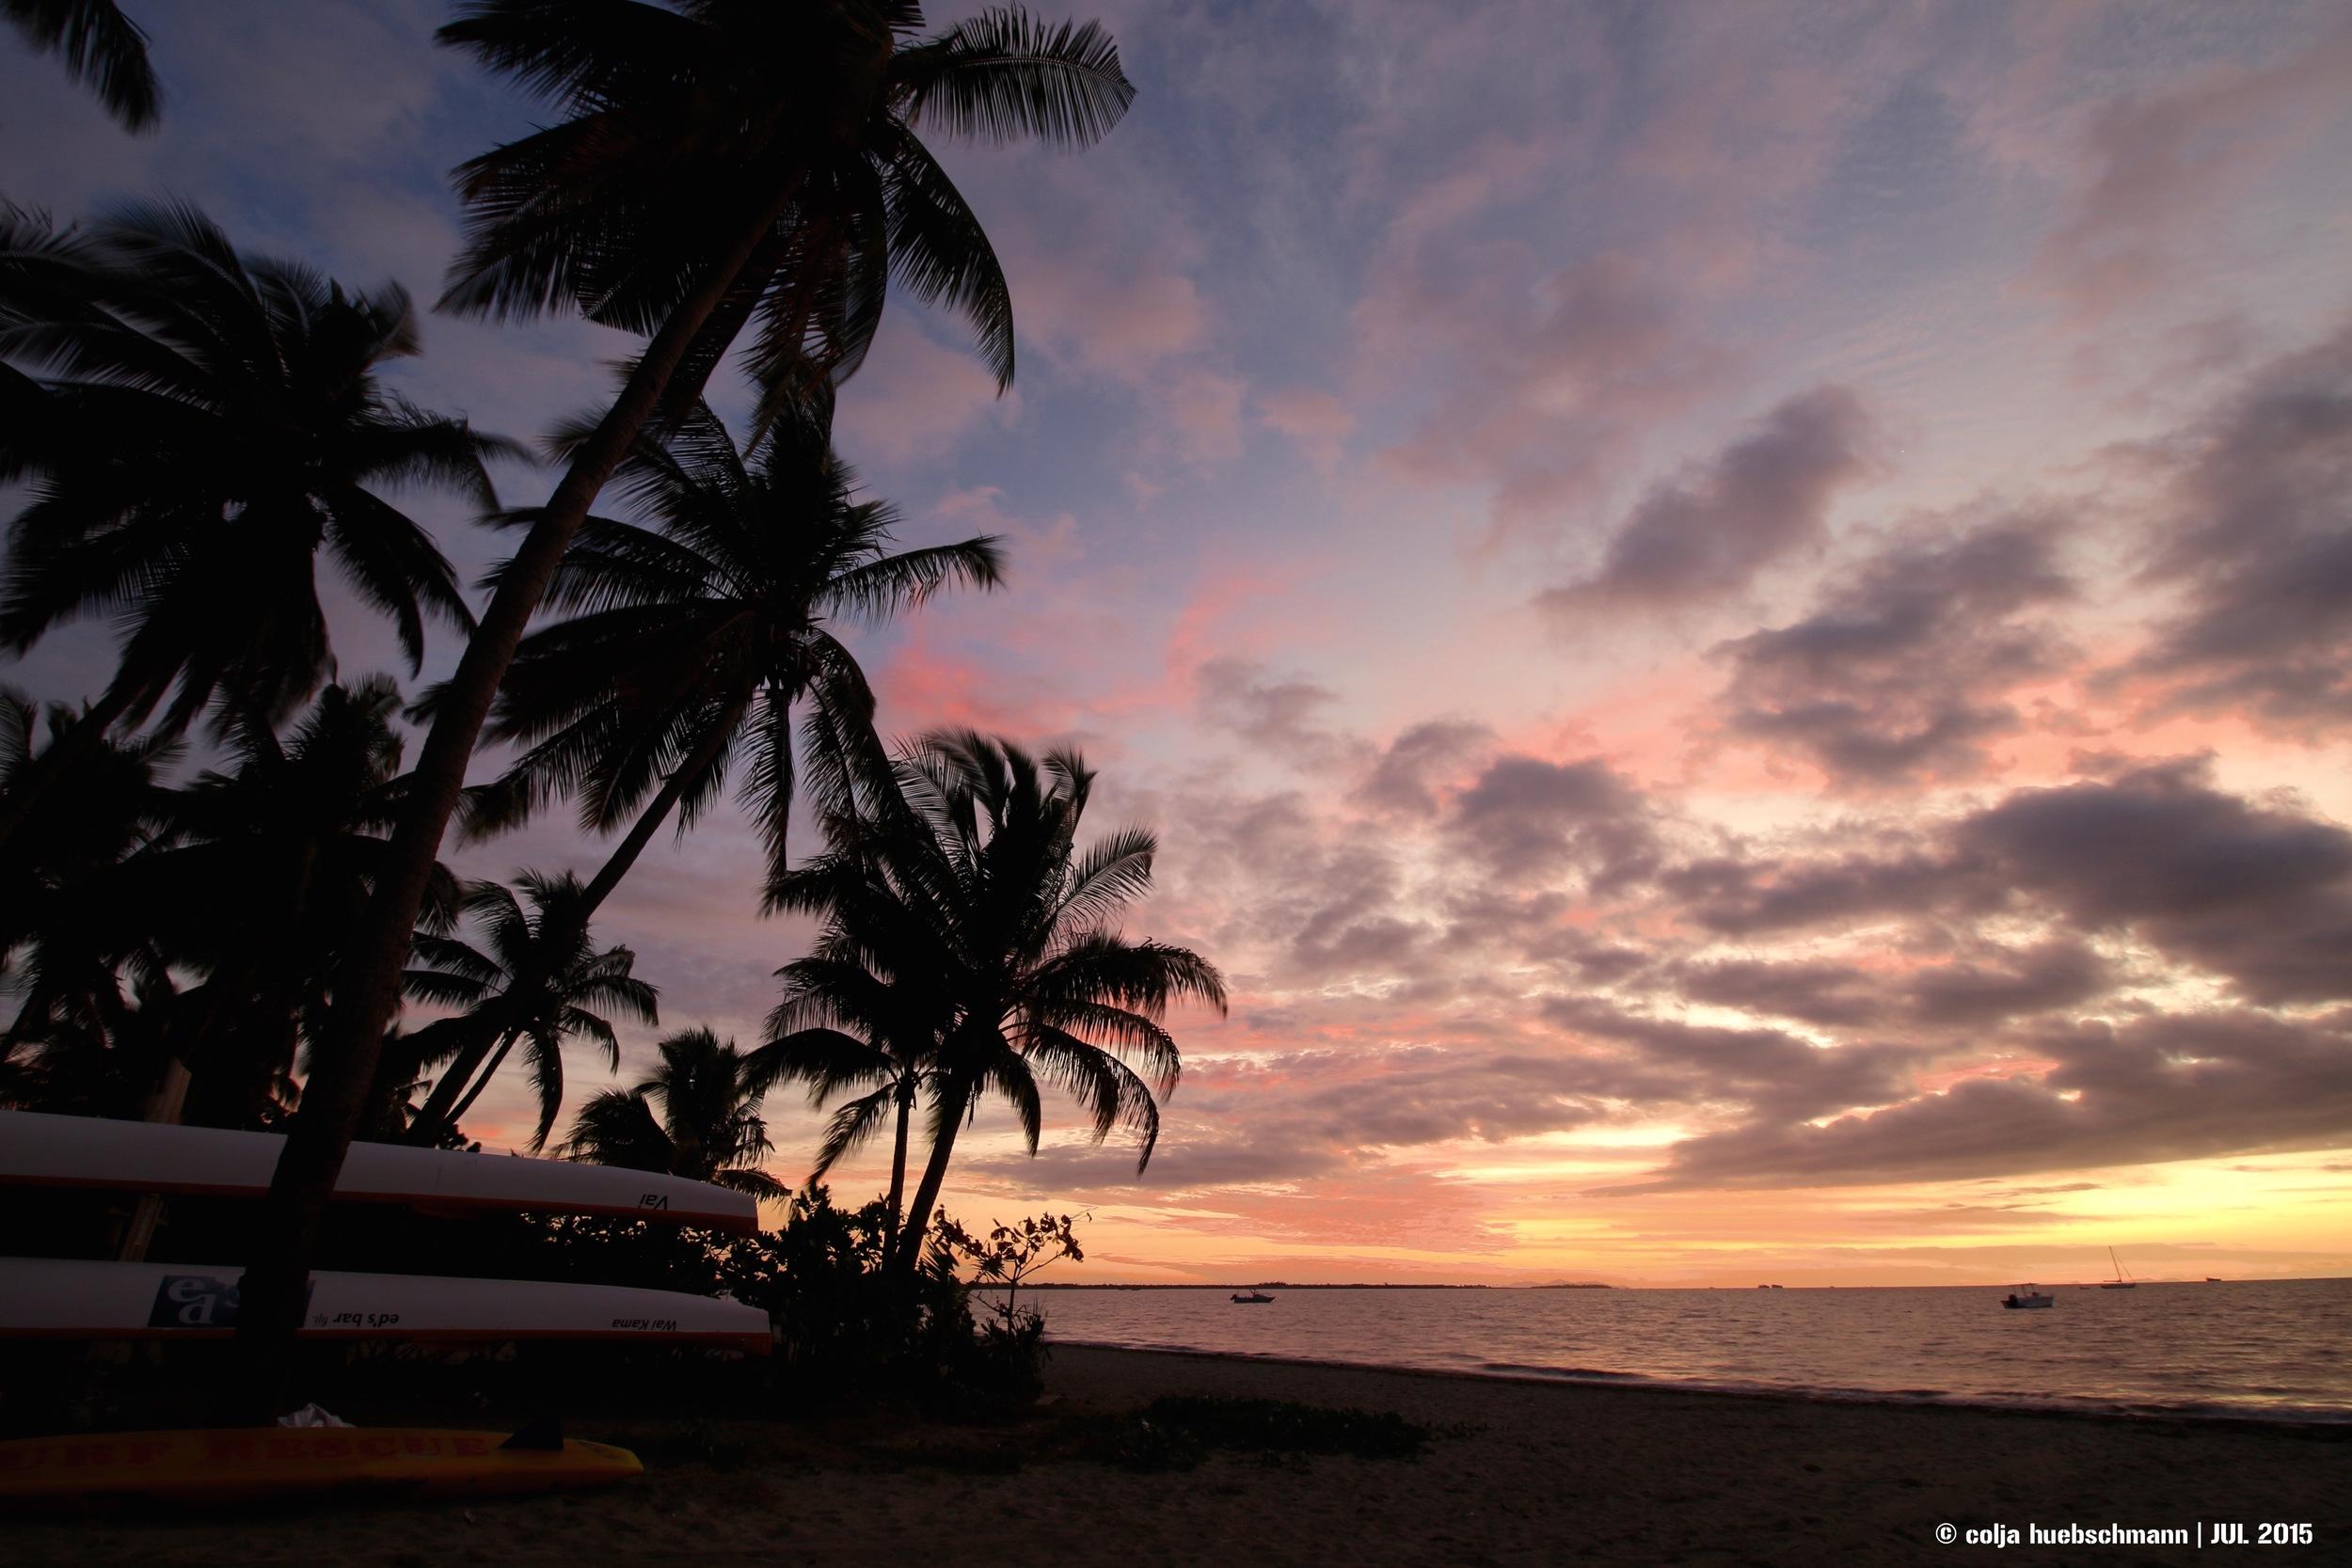 sunset at bamboo backpackers, Nadi, Fiji